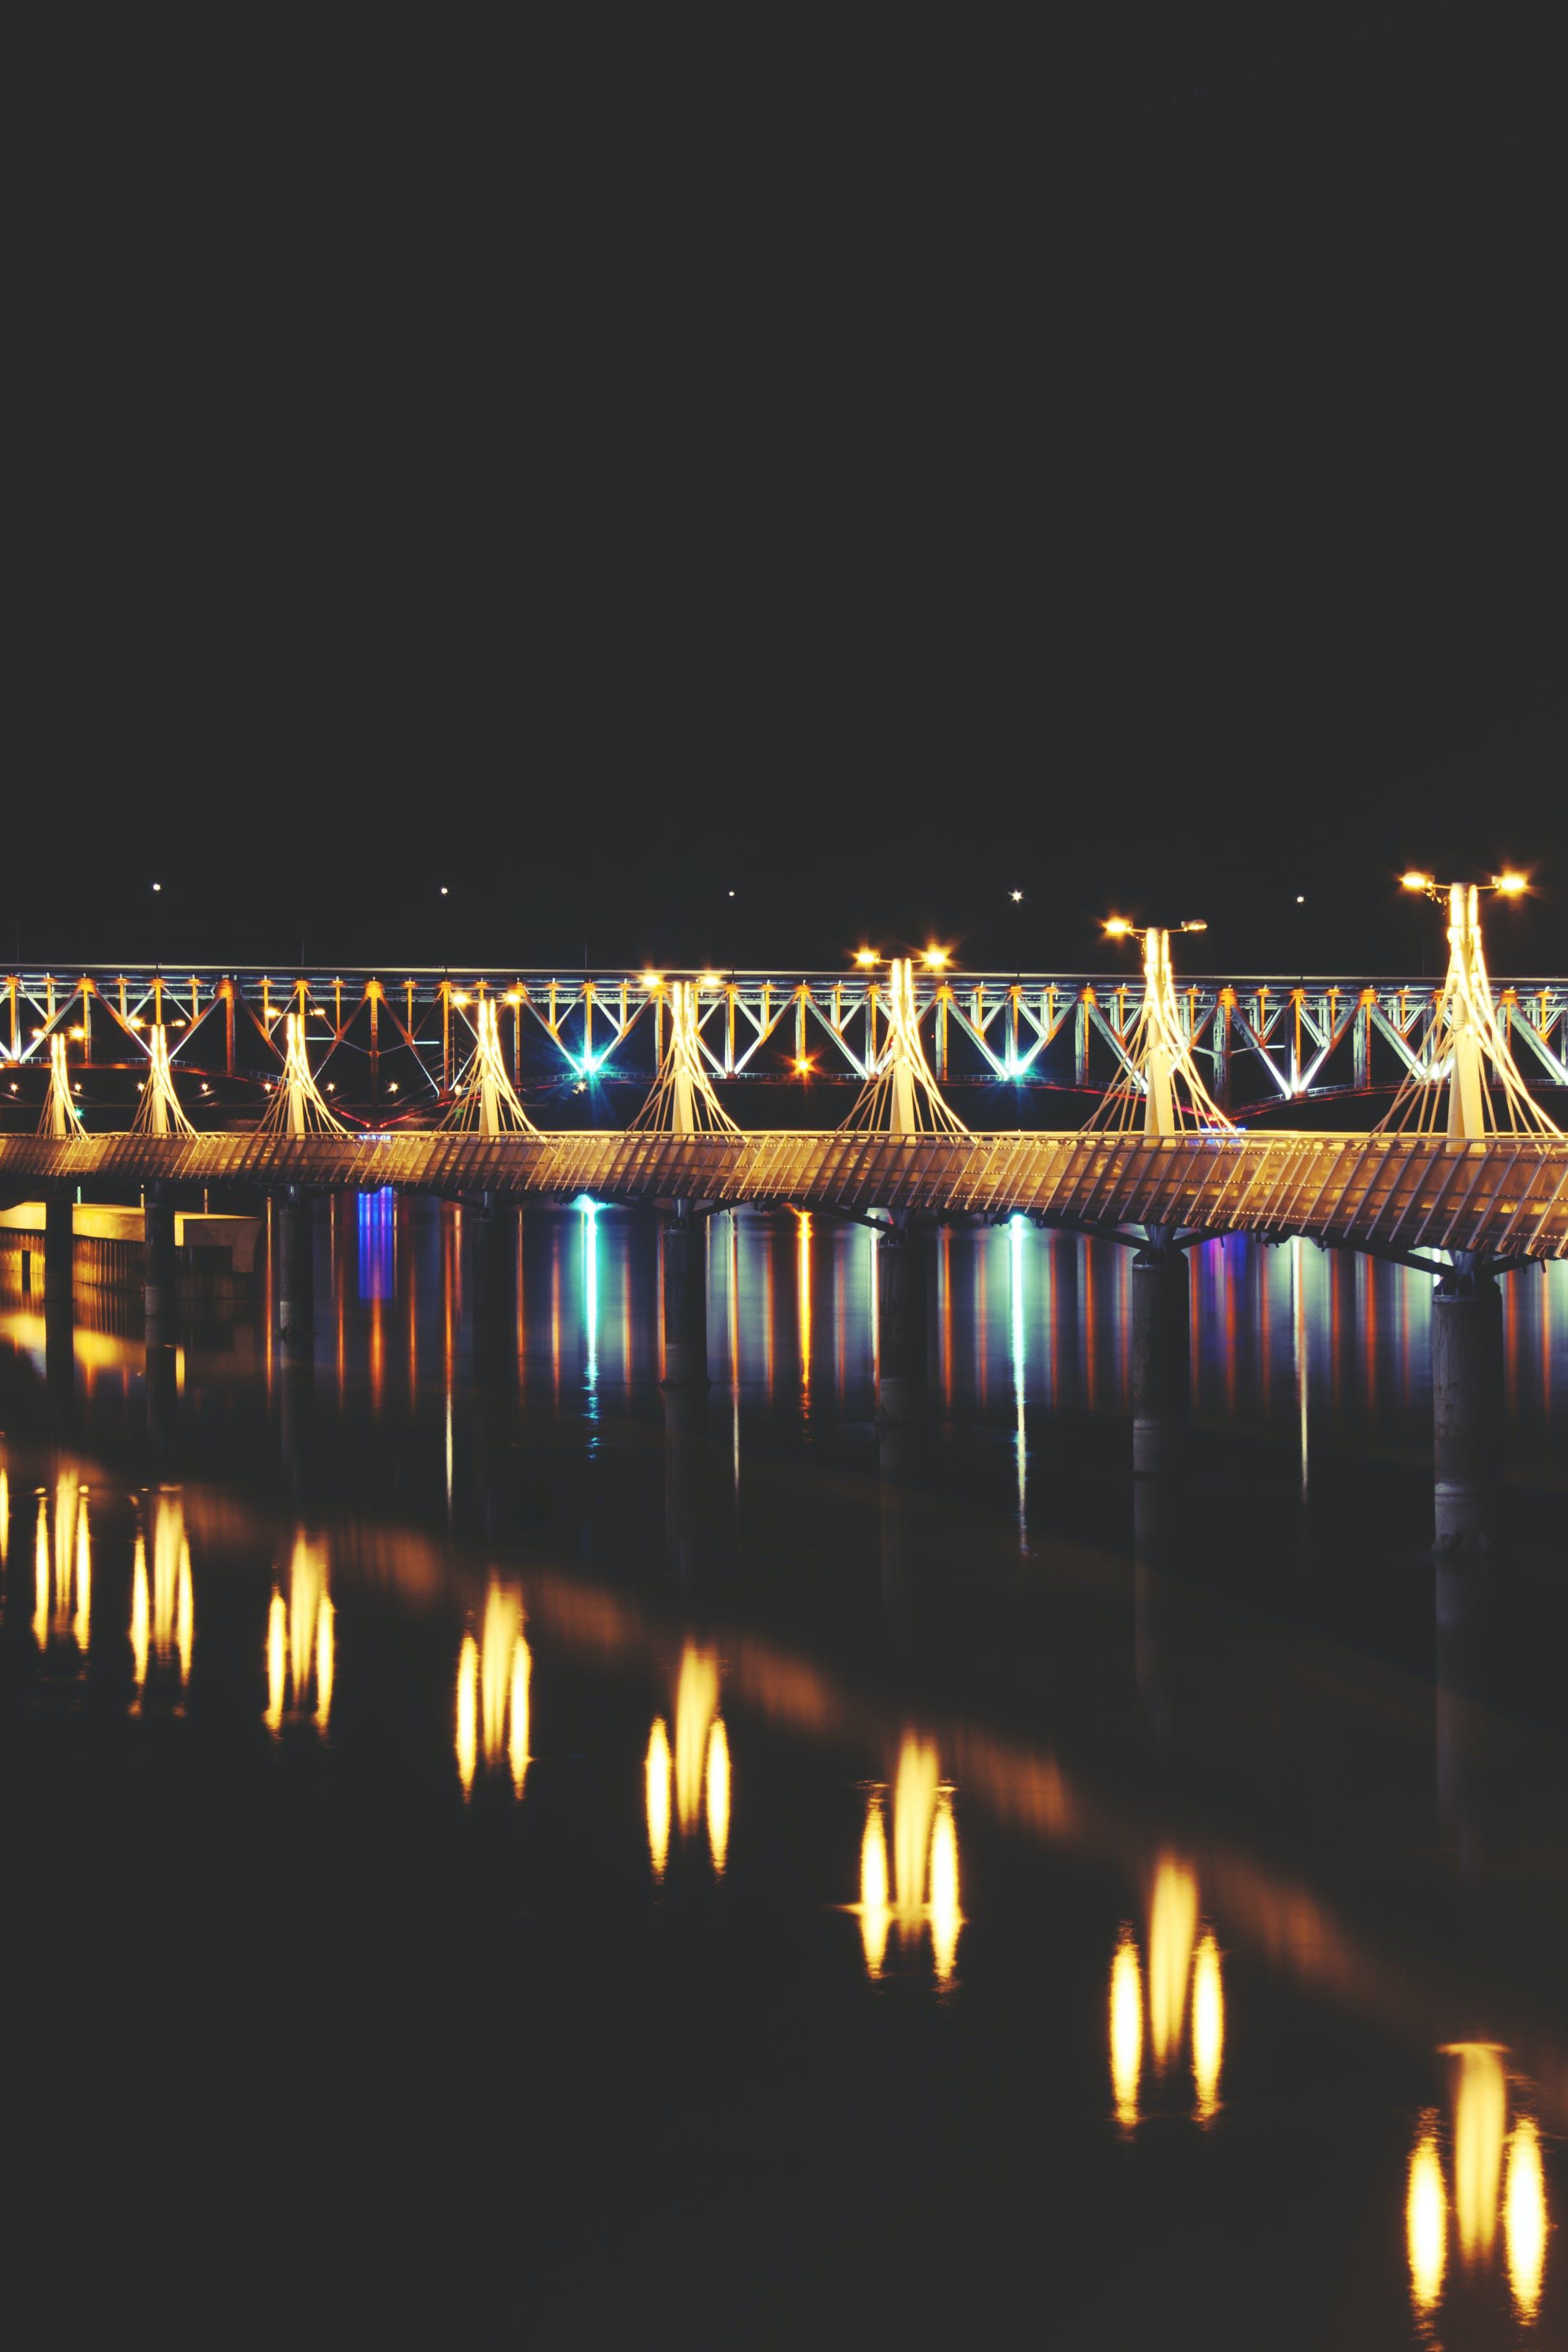 Lights of pier II